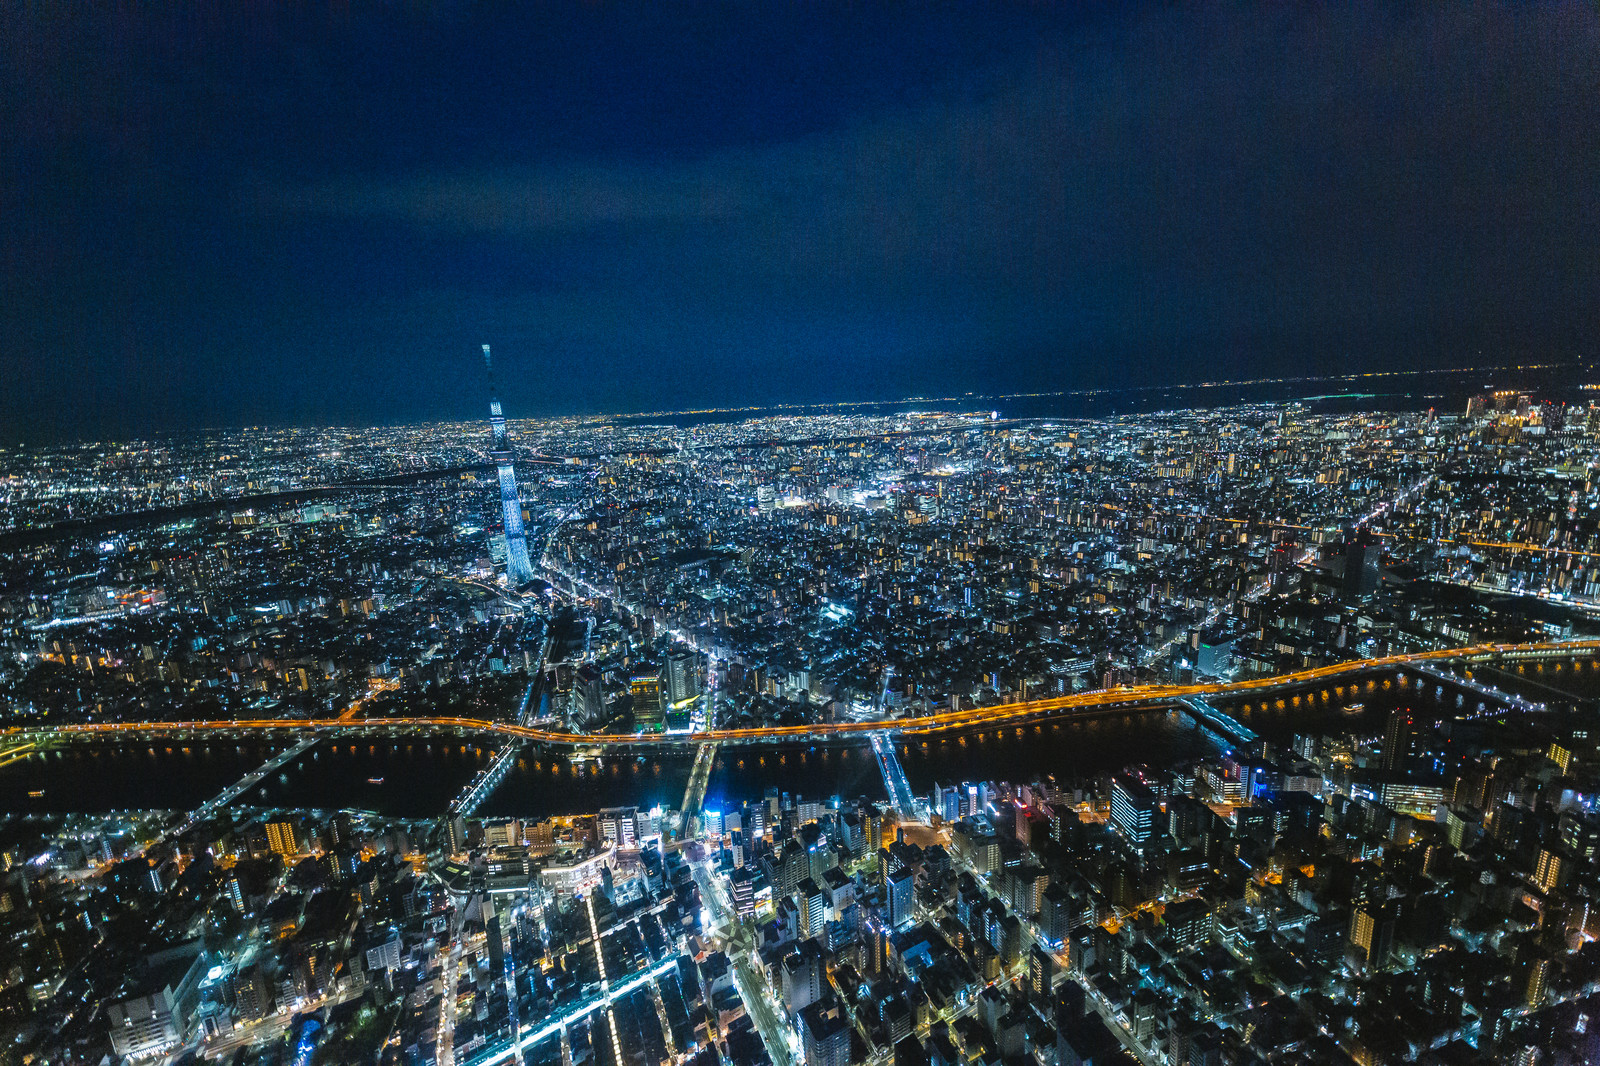 「隅田川と東京スカイツリーの空撮夜景」の写真